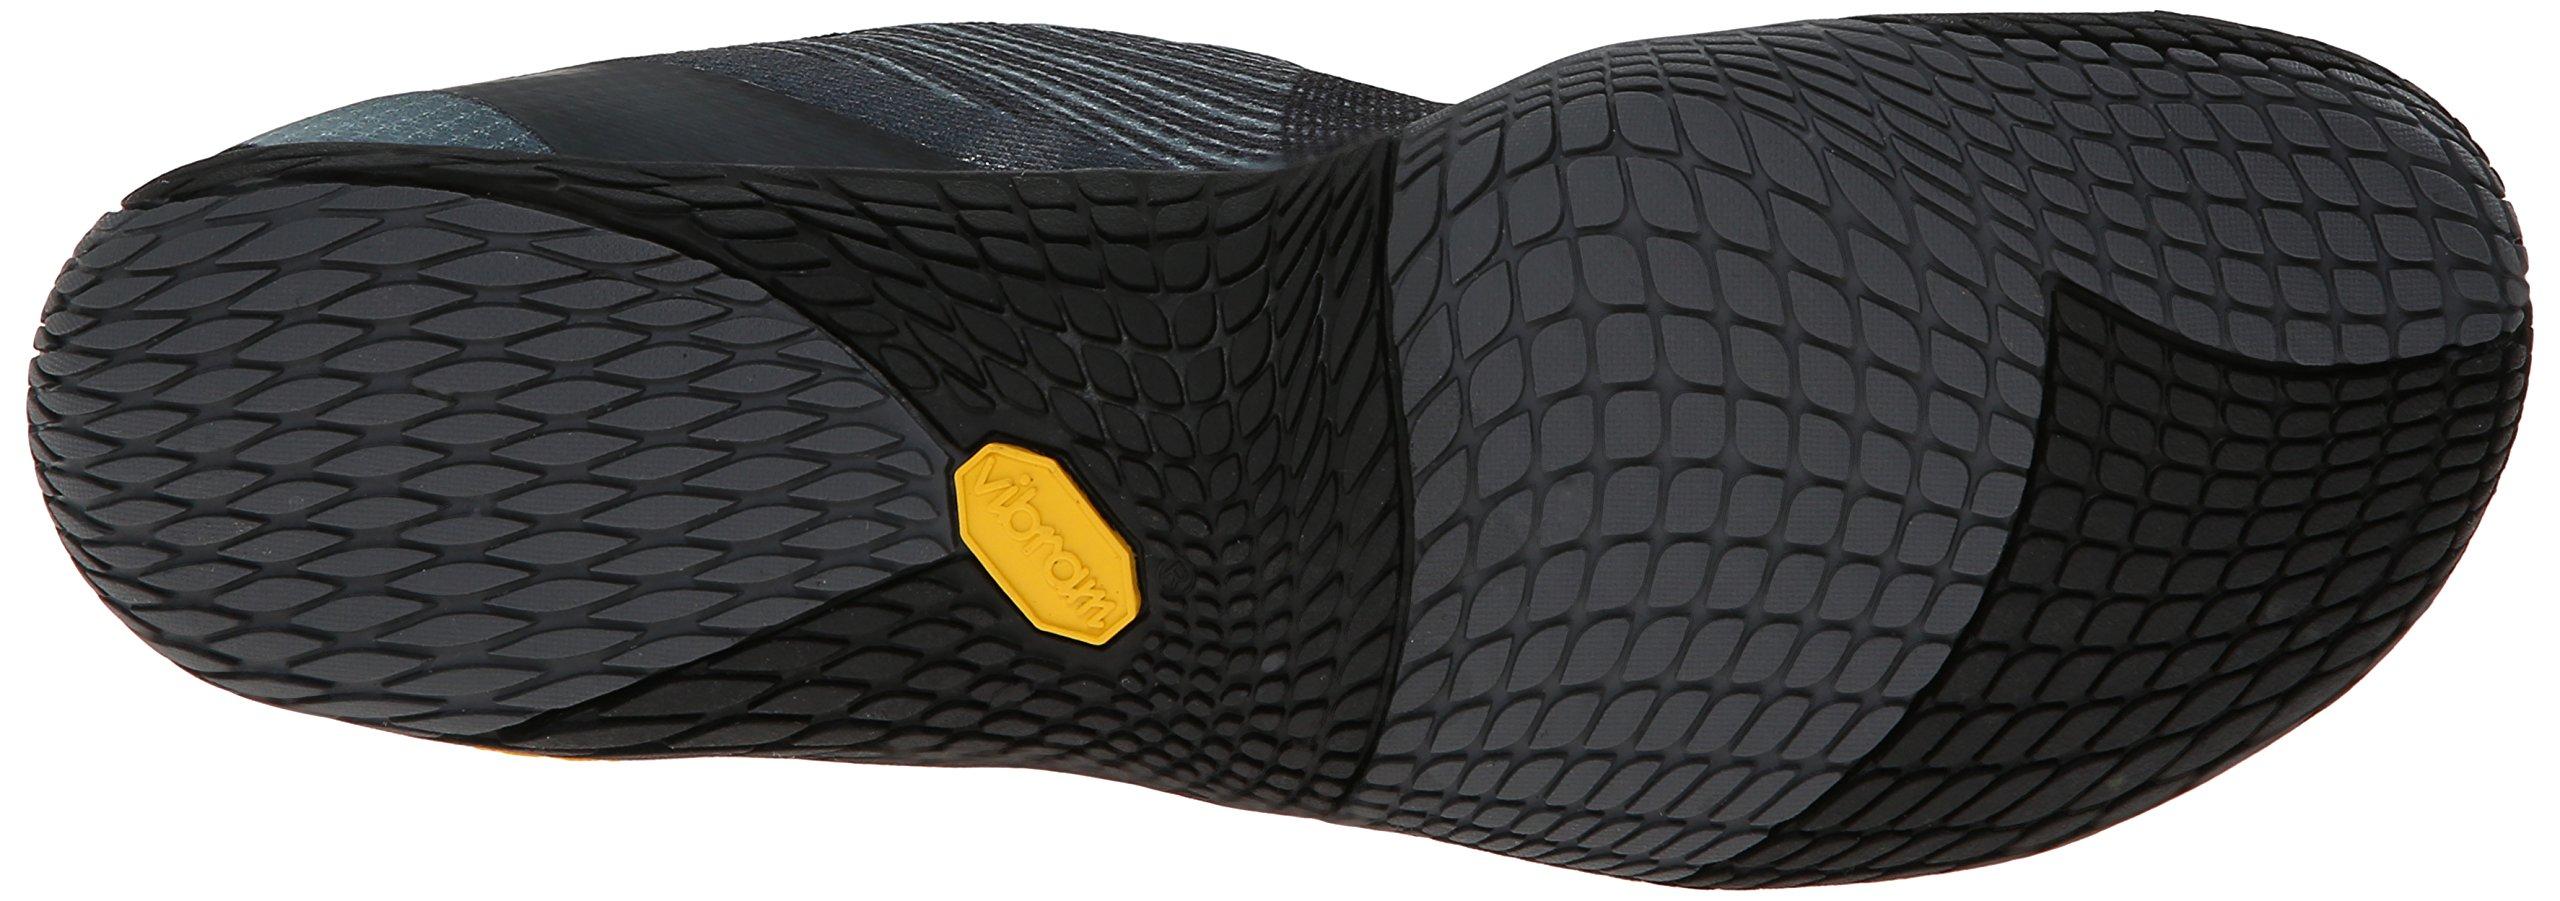 Merrell Vapor Glove 2 Men 8.5 Black/Castle Rock by Merrell (Image #3)